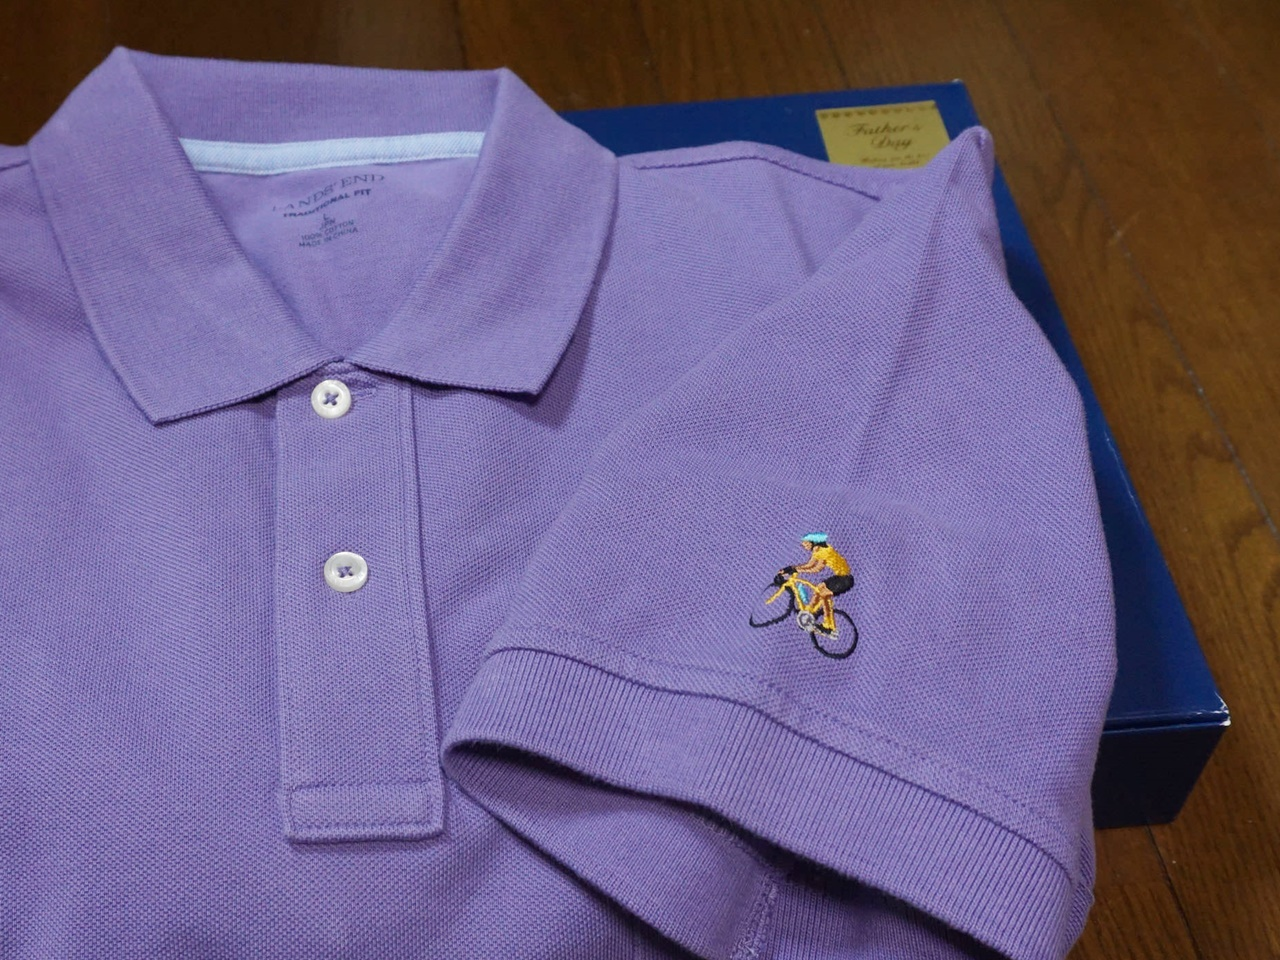 ■【ランズエンド】ポロシャツの袖に刺繍をオーダー